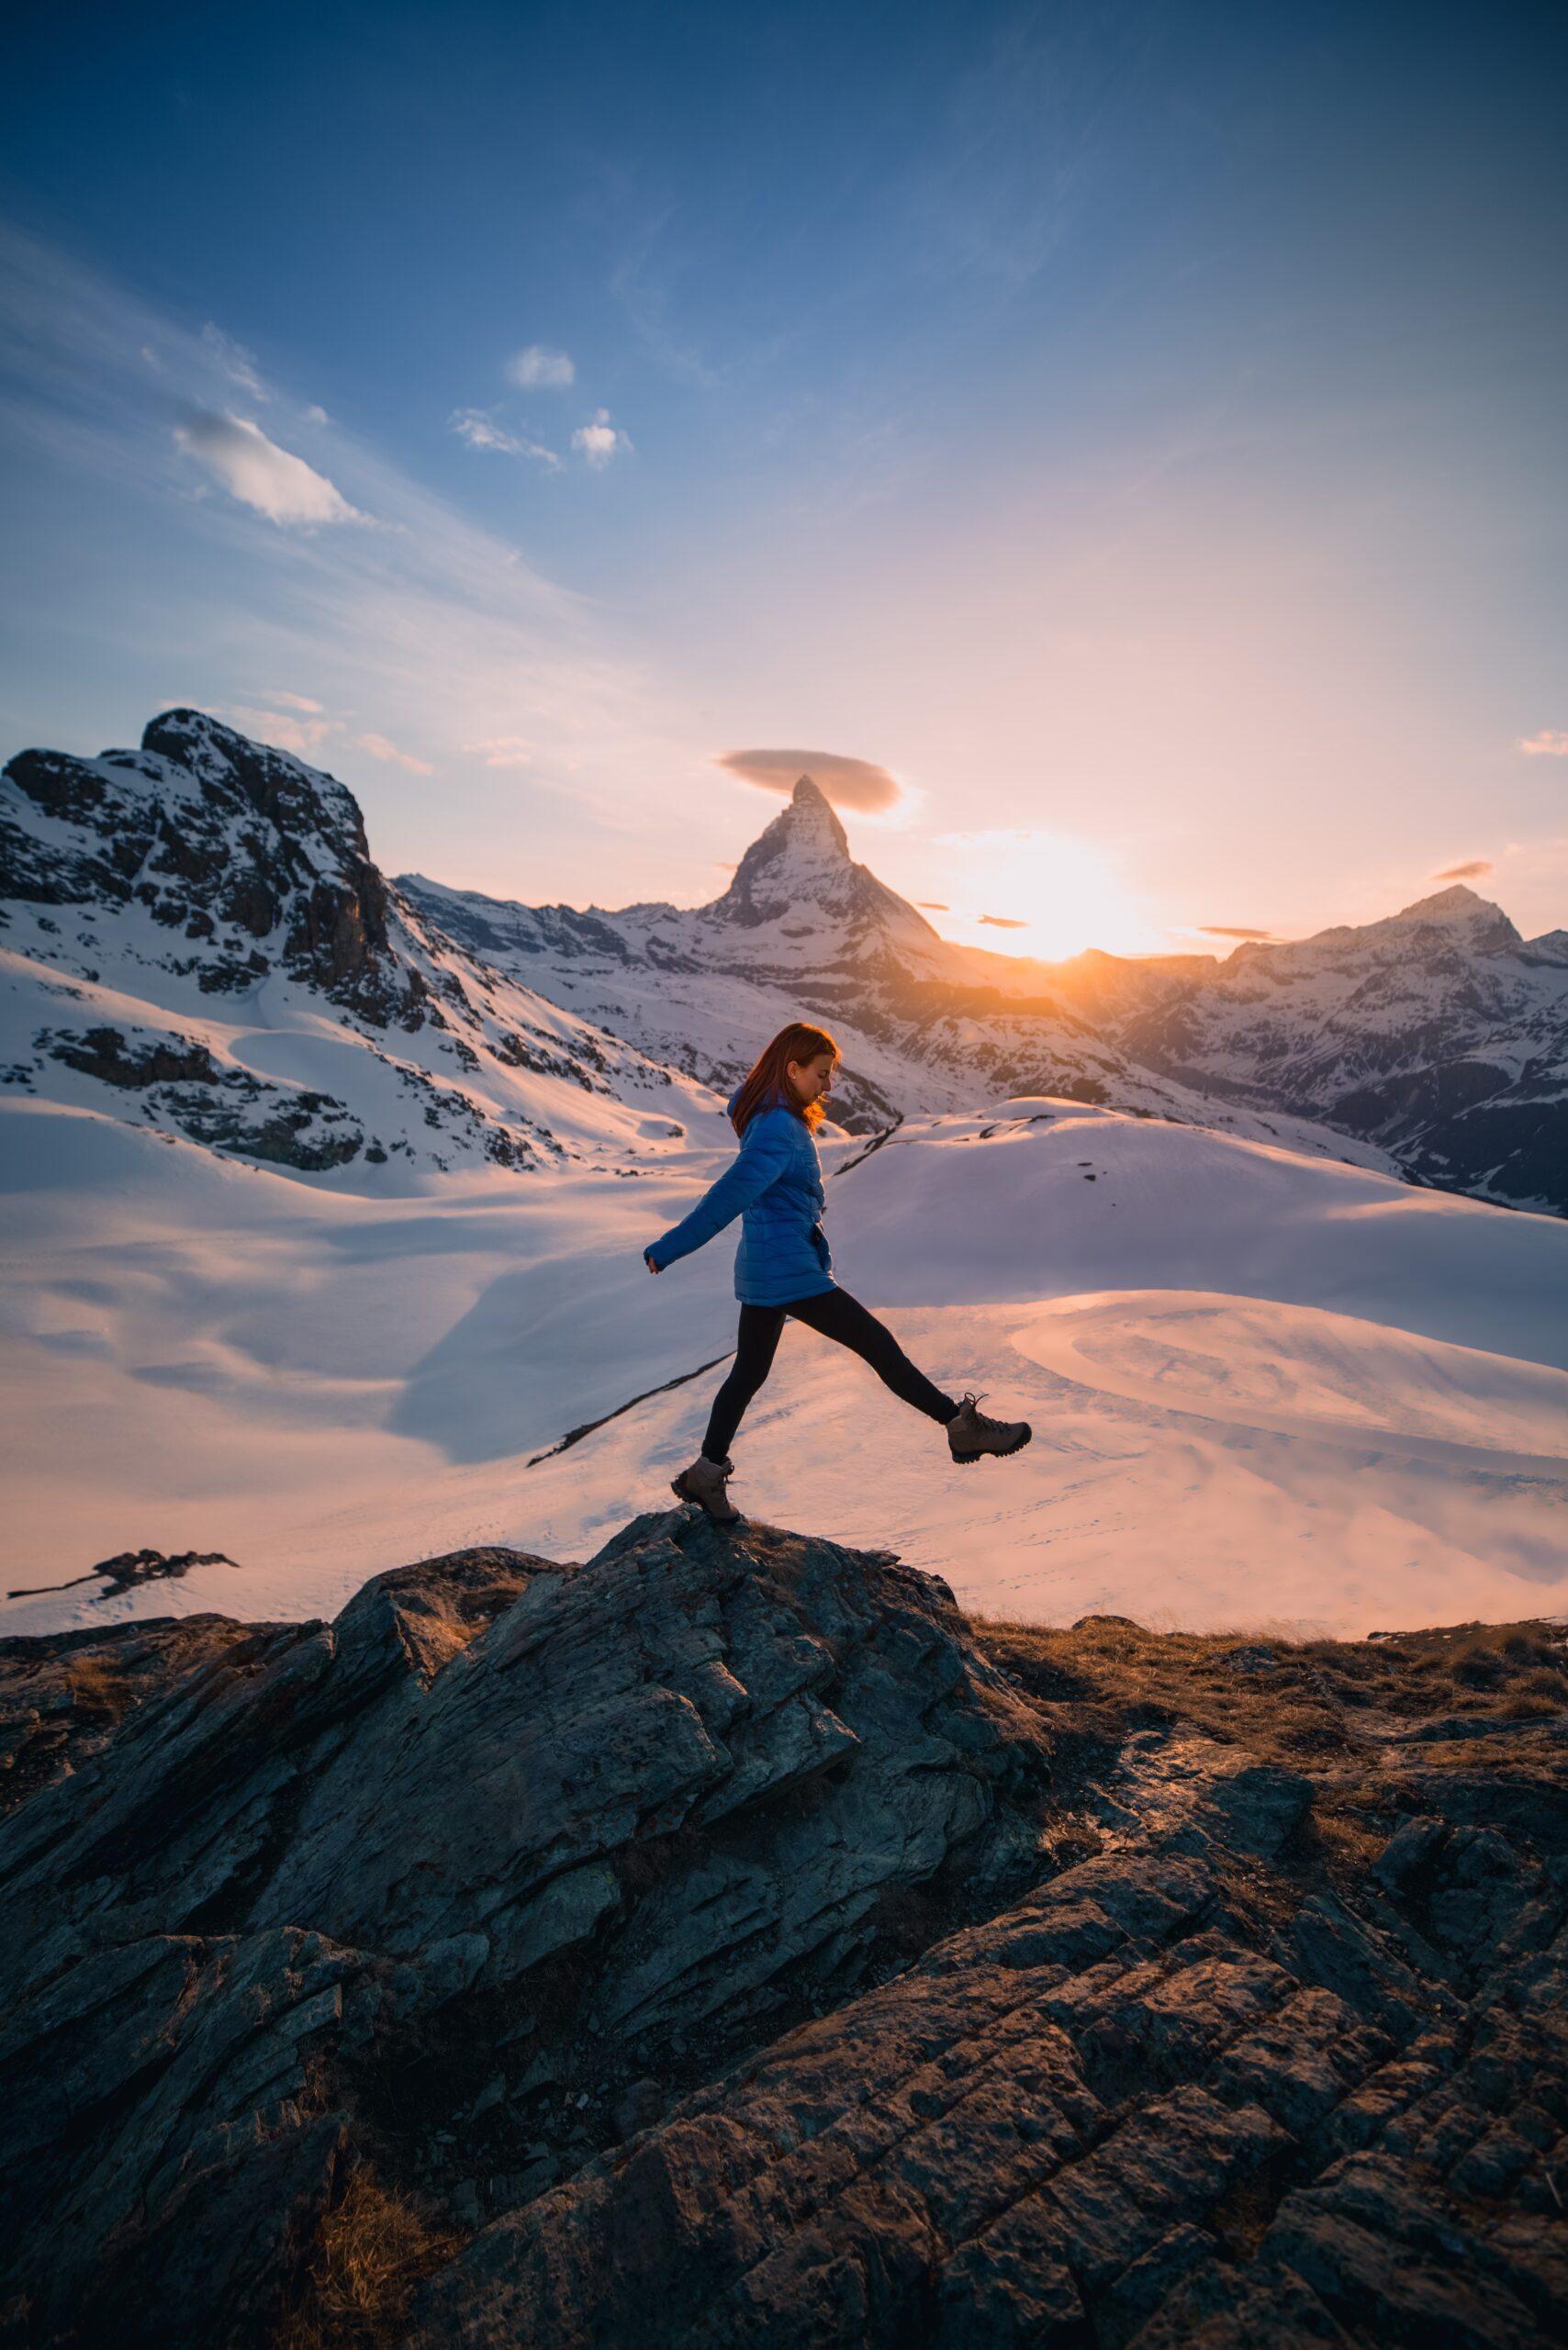 IMG_1890-2-scaled Zermatt & Matterhorn - Reisetipps, Hotelunterkunft und 3 unvergessliche Aktivitäten